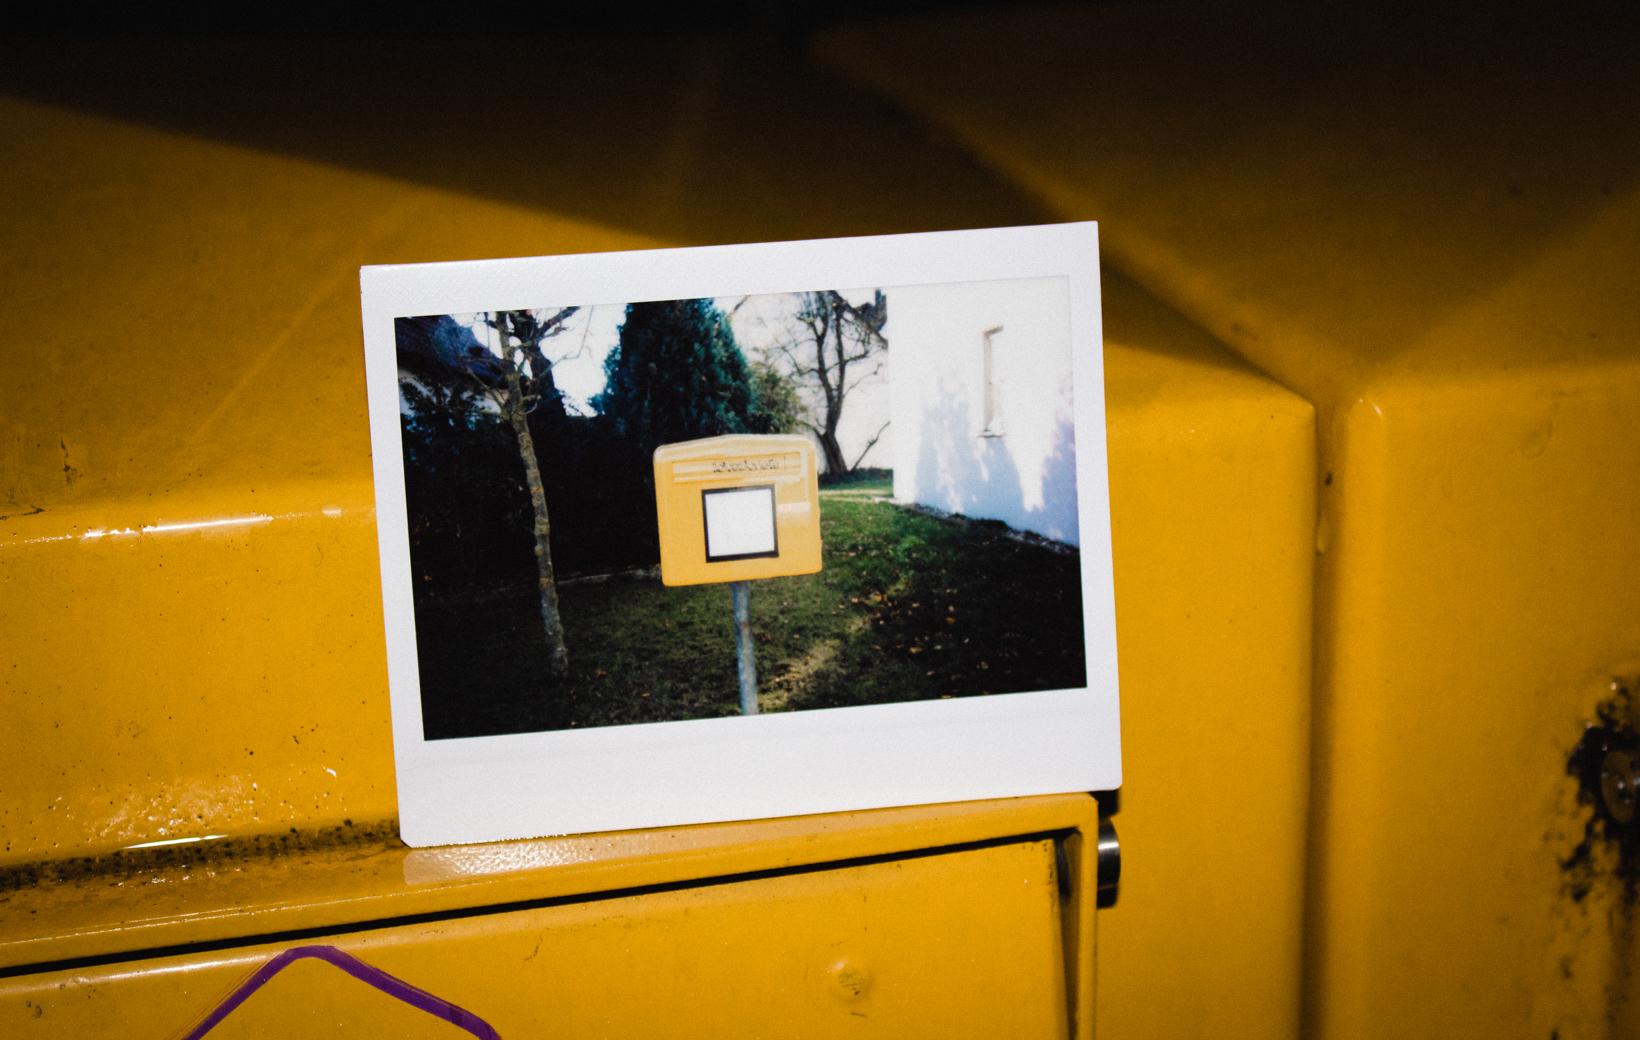 DaS Bild zeigt ein Polaroid von einem Briefkasten